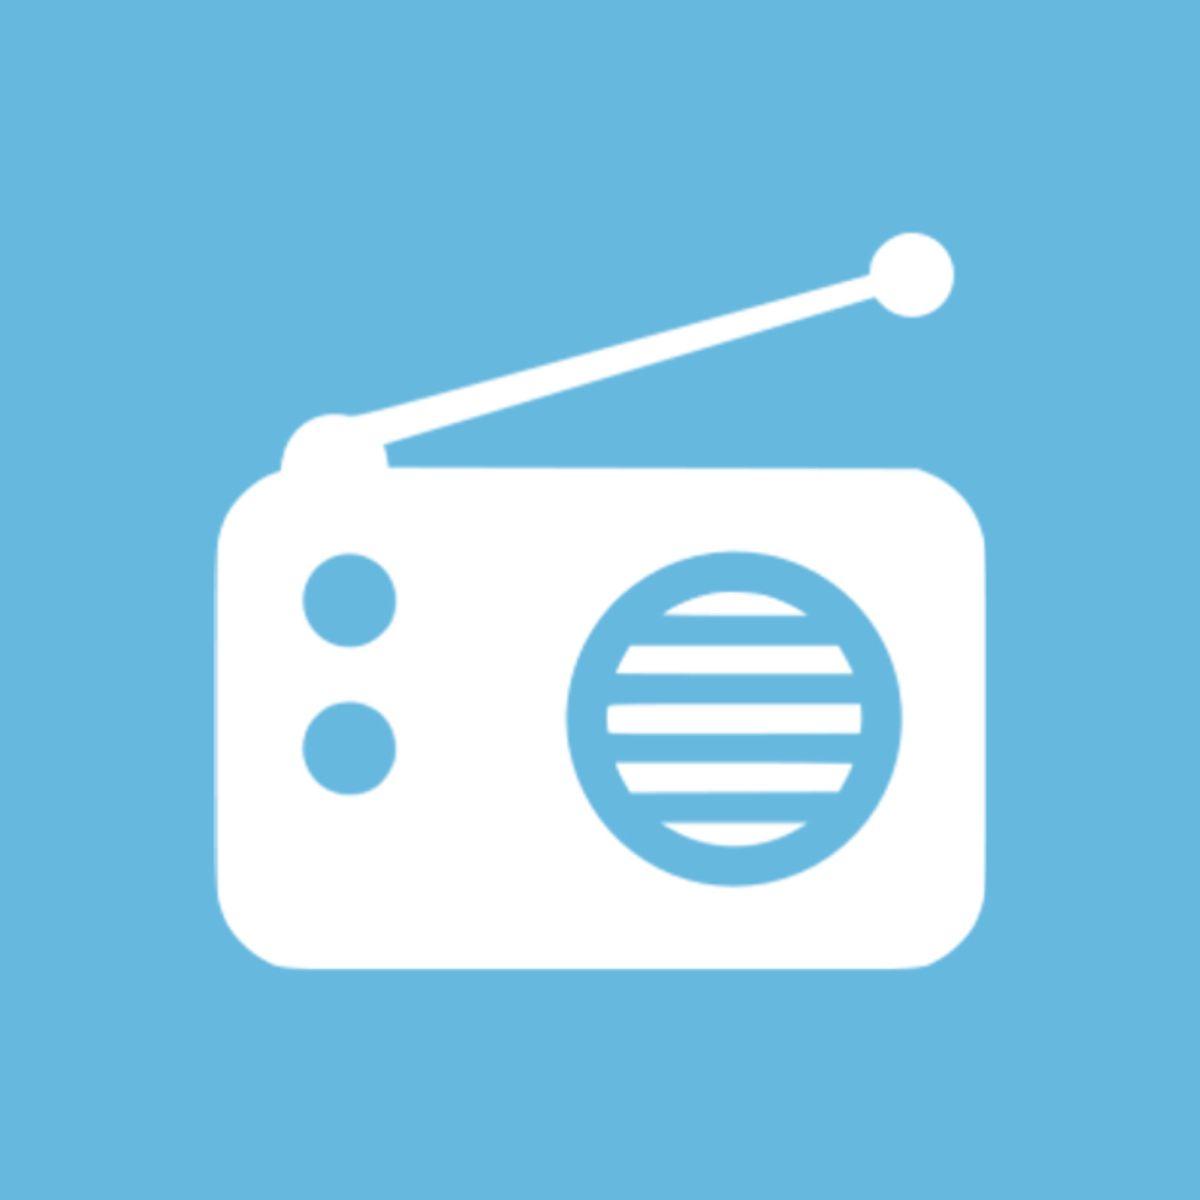 Pin Oleh Iris Di App Icons Aplikasi Iphone Estetika Biru Biru